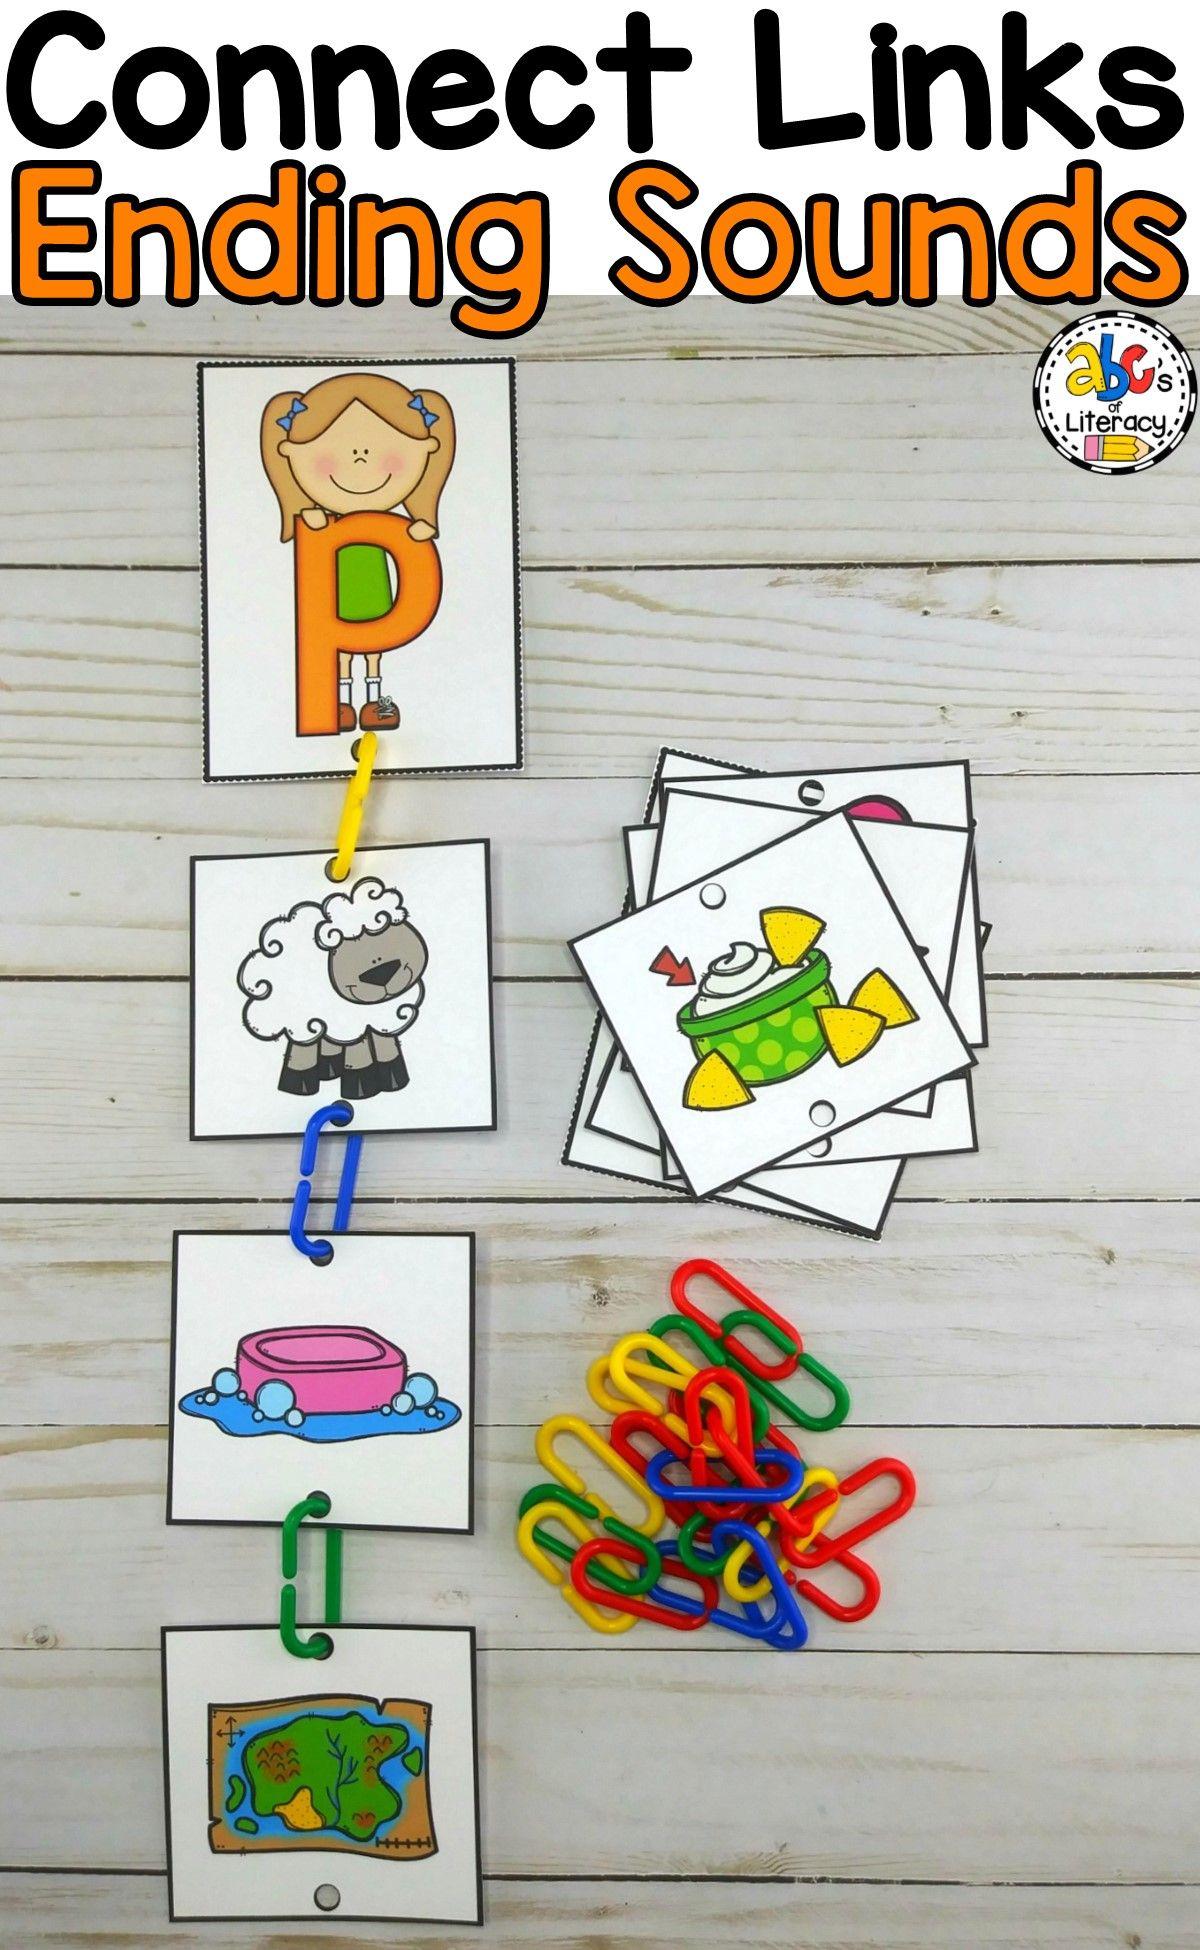 Connect Links Ending Sounds Sort Reading Foundational Skills Phonemic Awareness Kindergarten Kindergarten Fun [ 1950 x 1200 Pixel ]